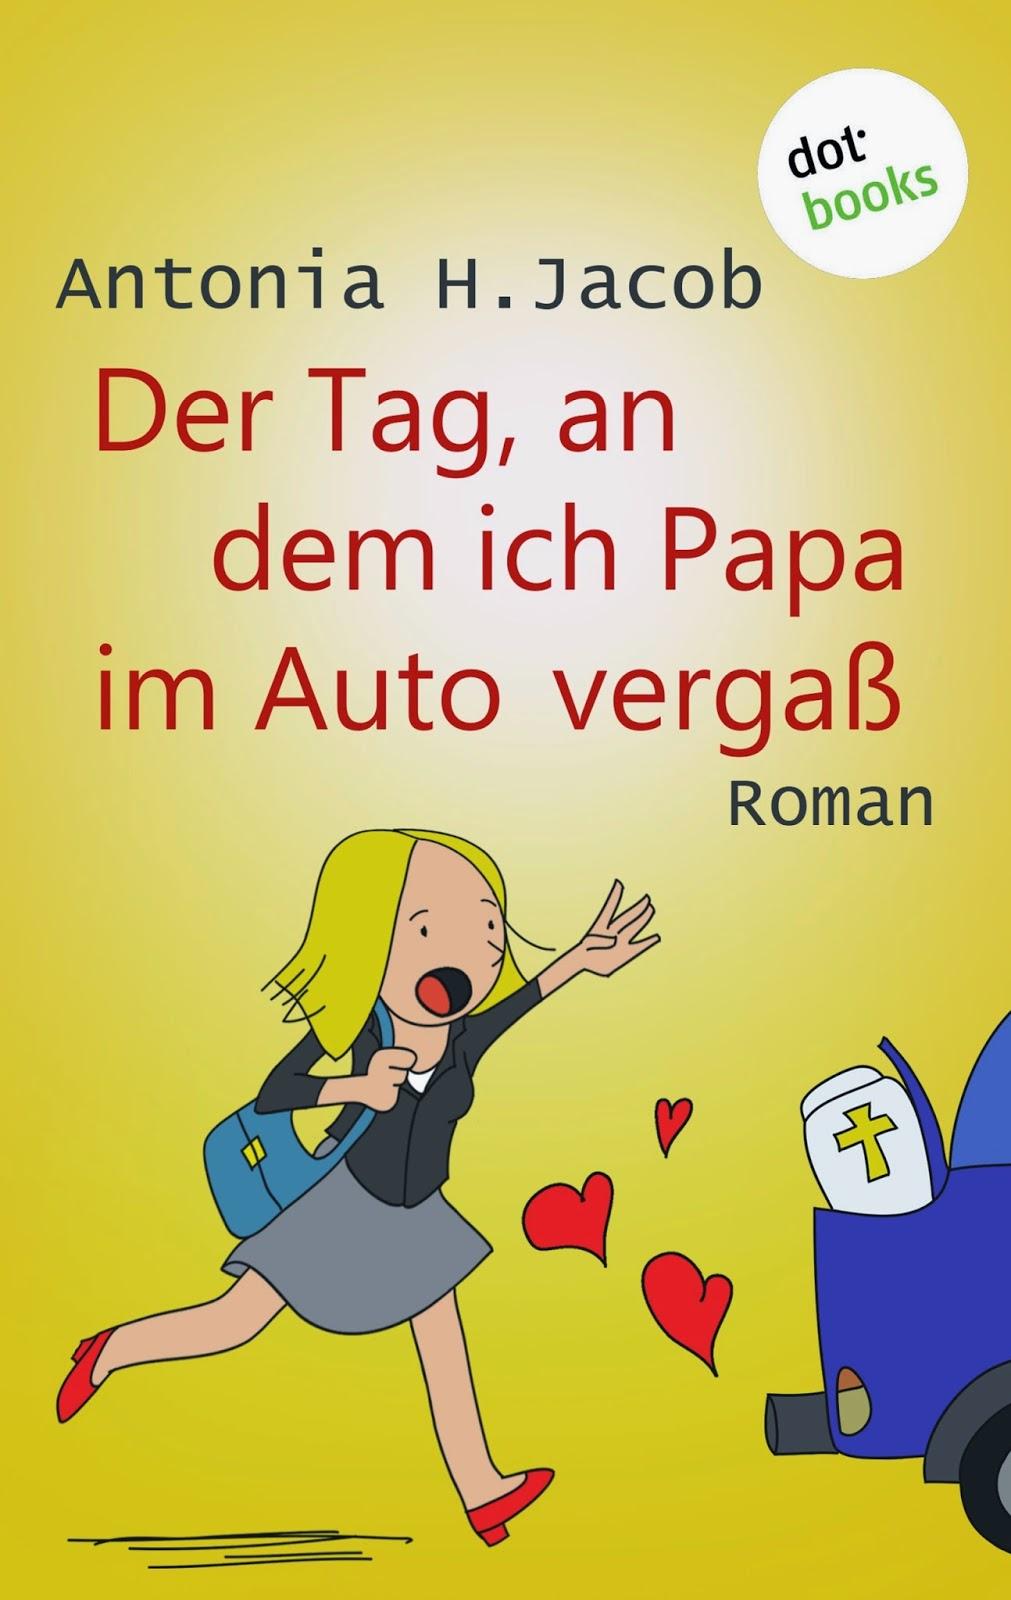 http://www.dotbooks.de/e-book/279227/der-tag-an-dem-ich-papa-im-auto-vergass